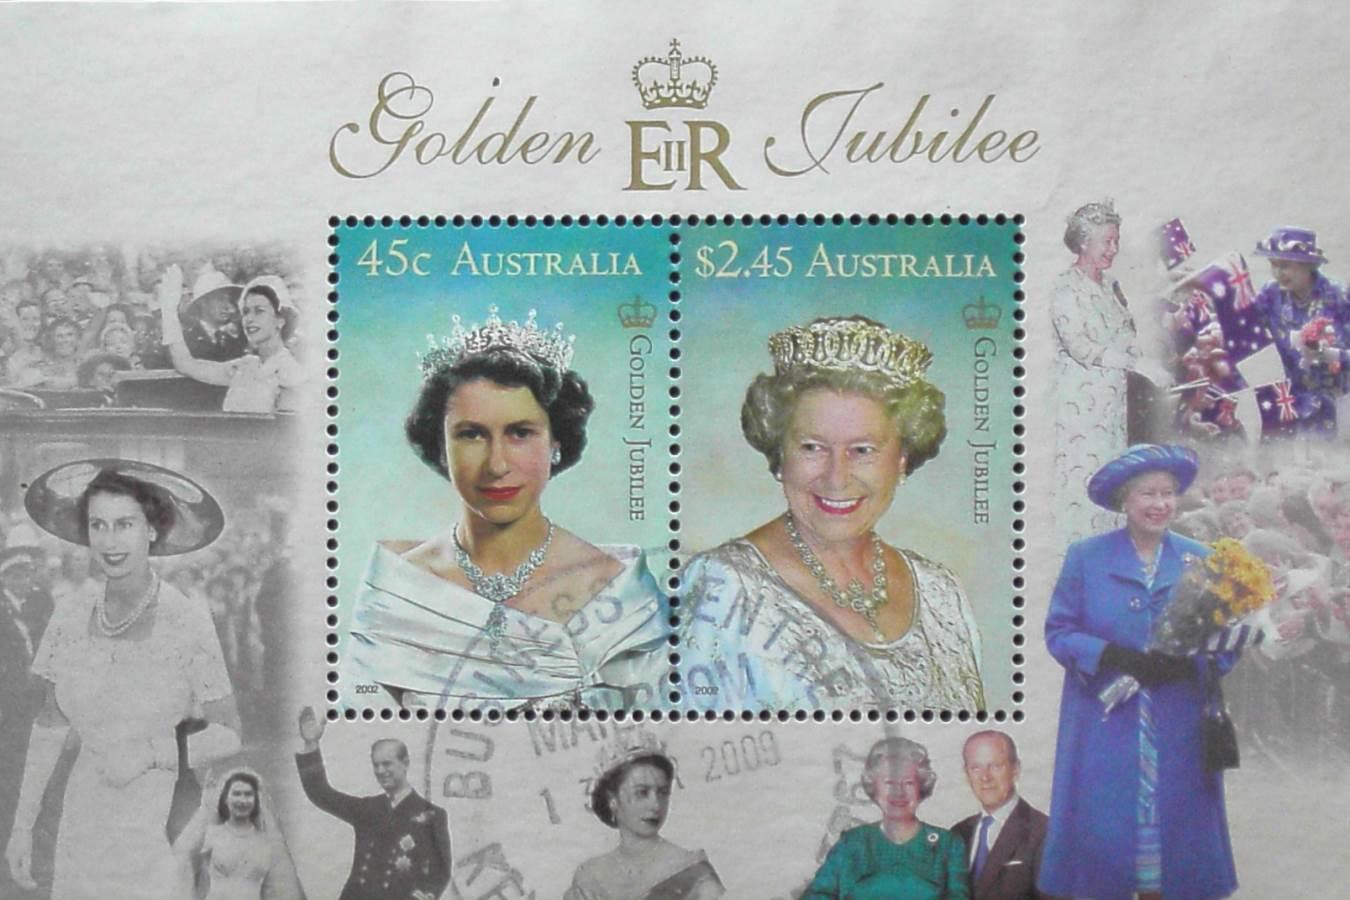 2009 Australia Post Mini Sheet - QEII Golden Jubilee - Postmarked